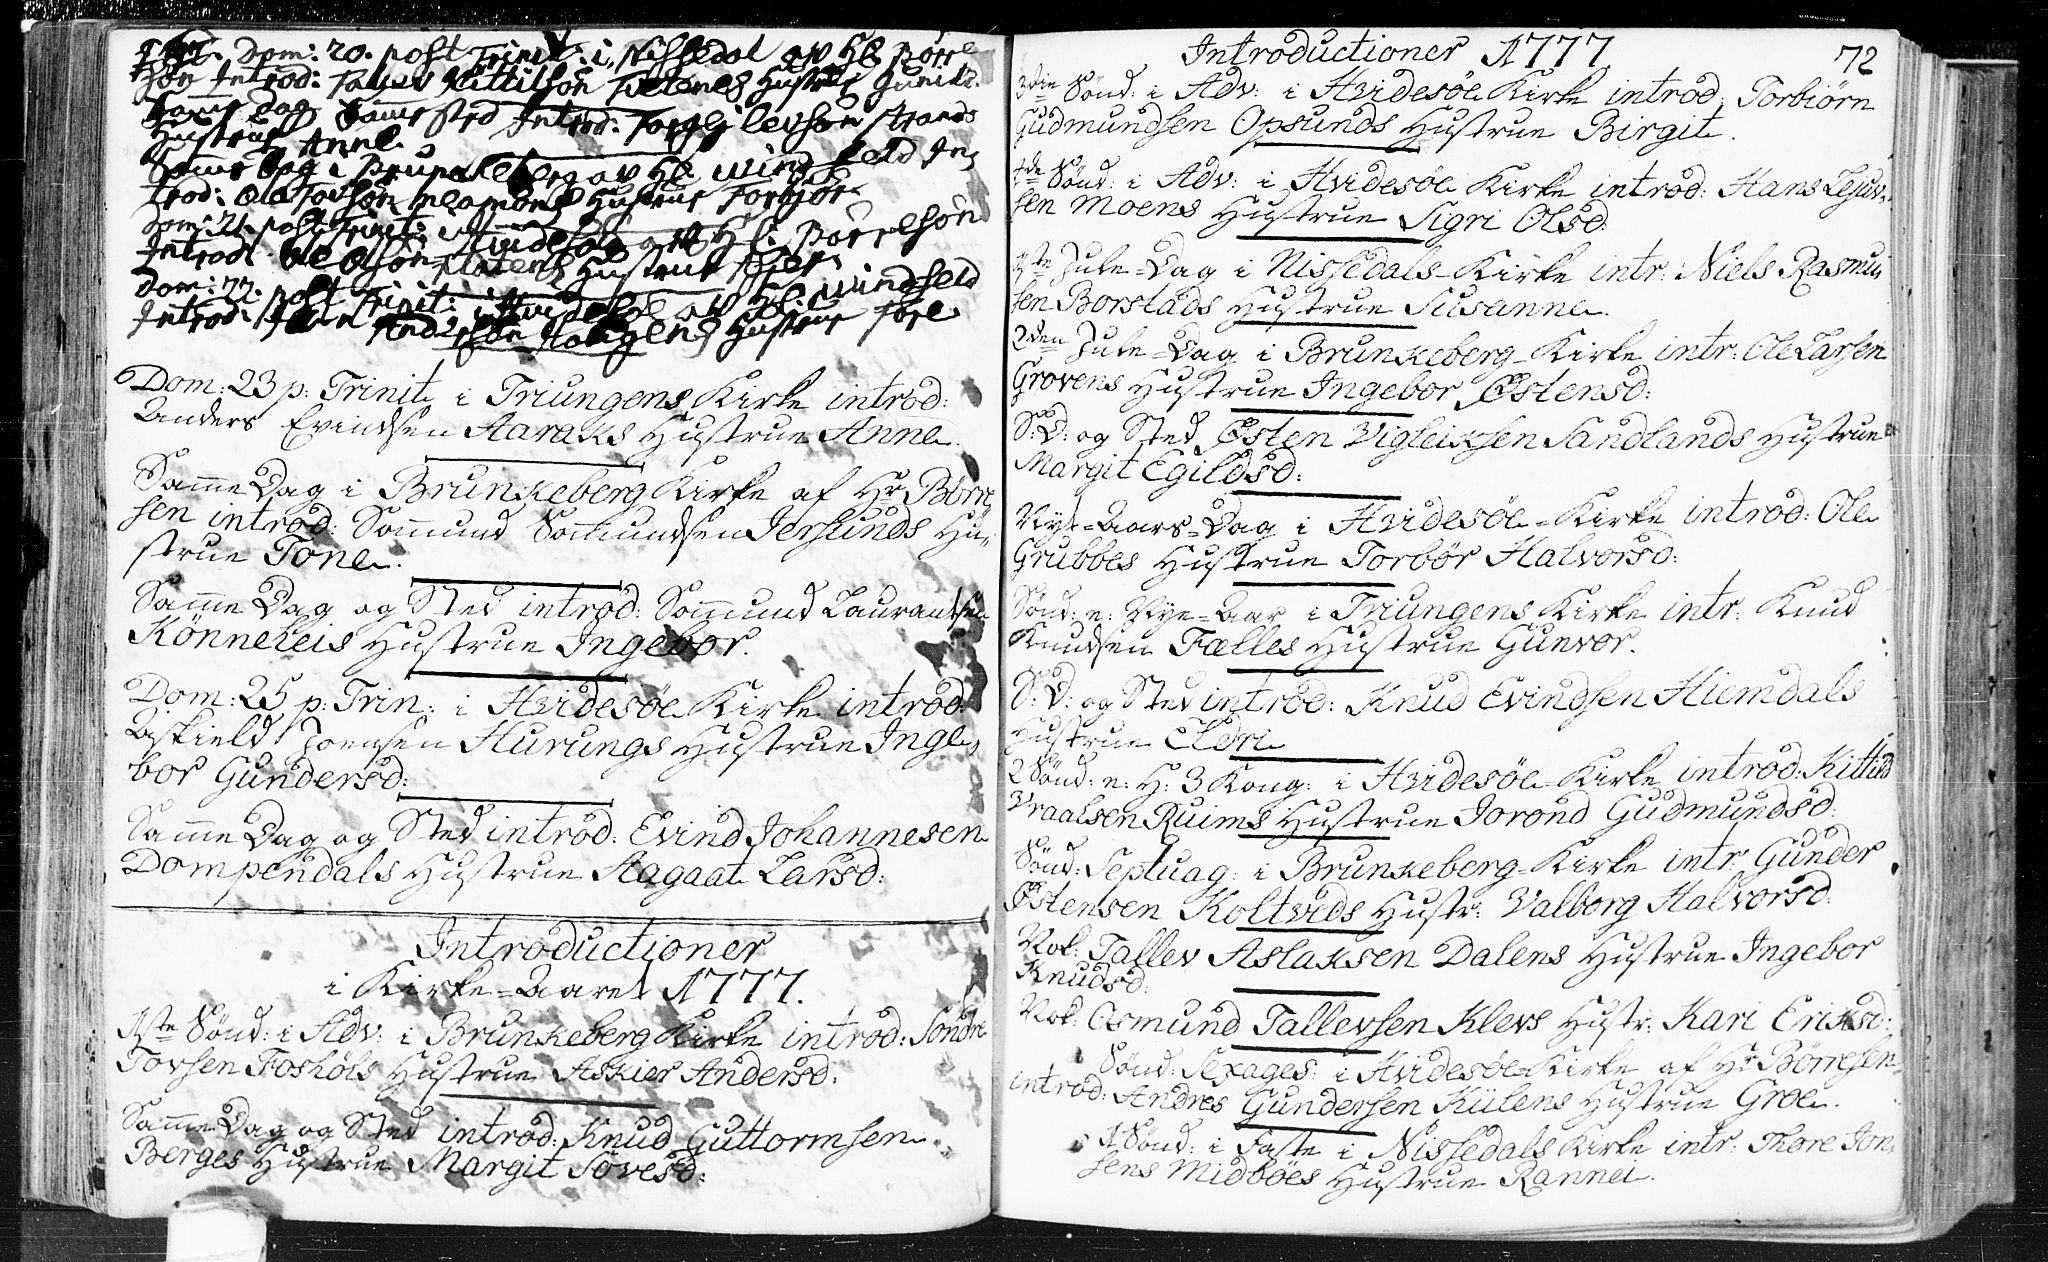 SAKO, Kviteseid kirkebøker, F/Fa/L0002: Ministerialbok nr. I 2, 1773-1786, s. 72